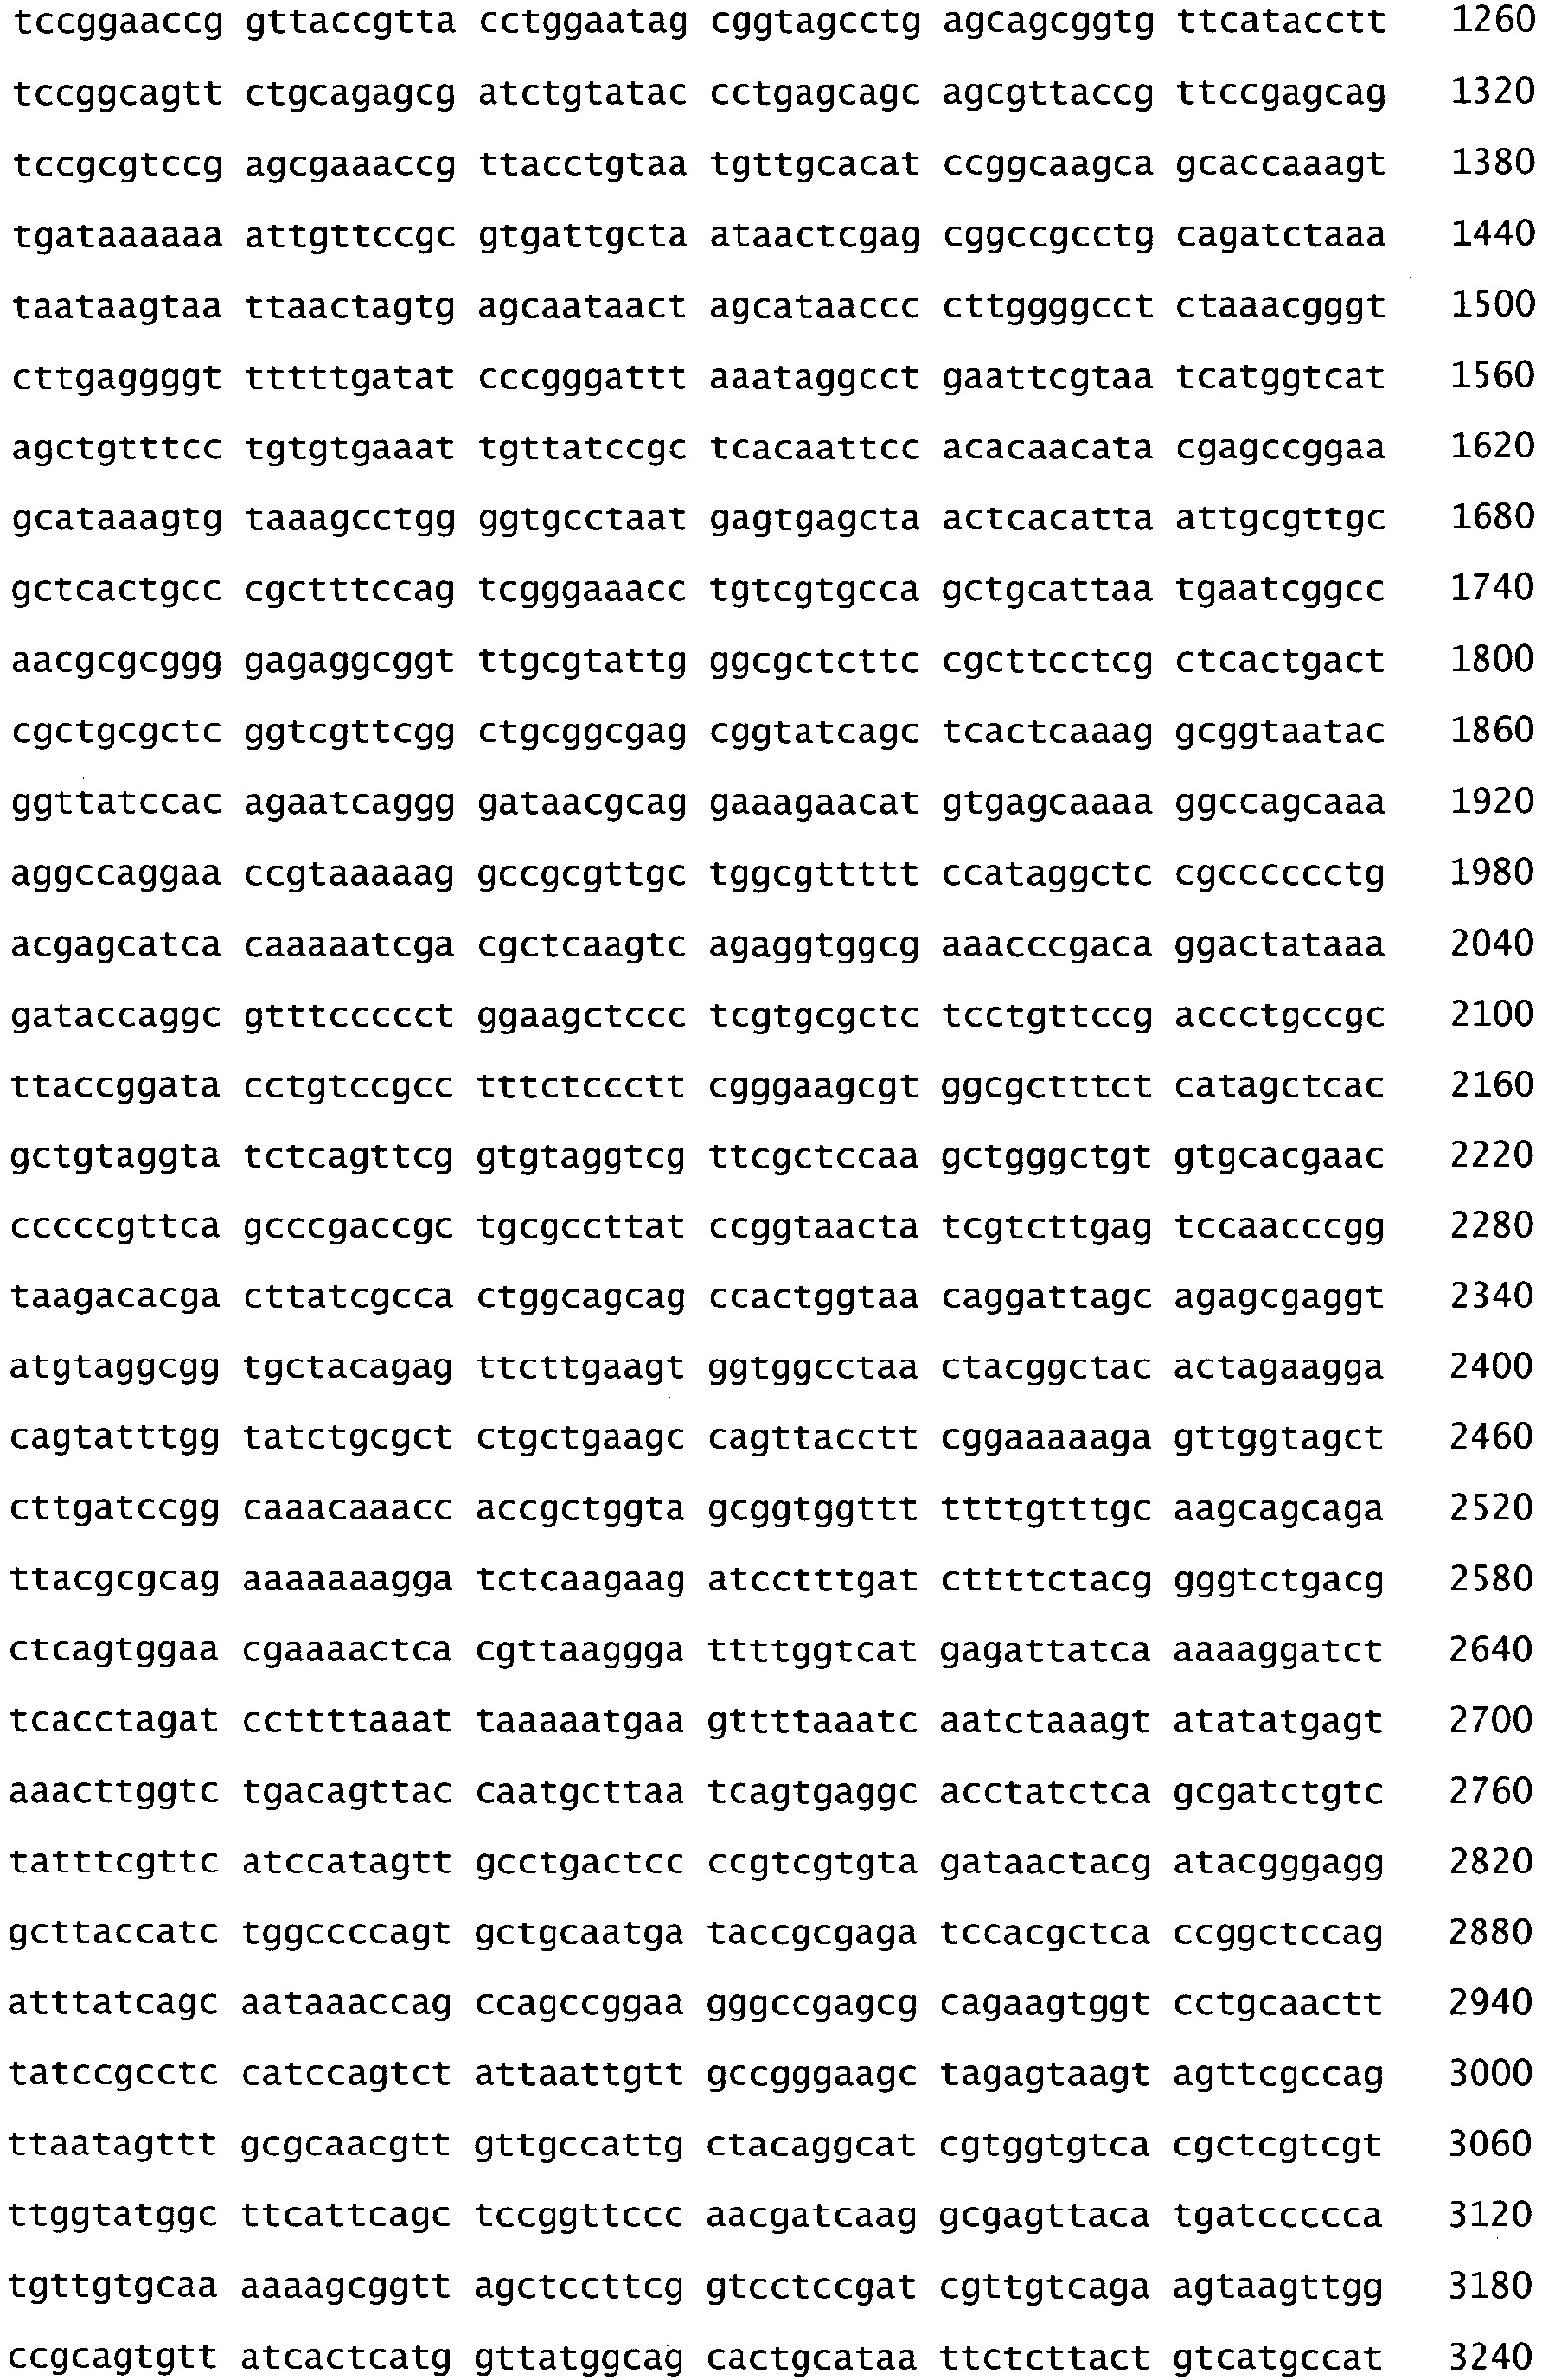 EP2546265A1 - Speziell für Disulfidbrücken-enthaltende Proteine ...